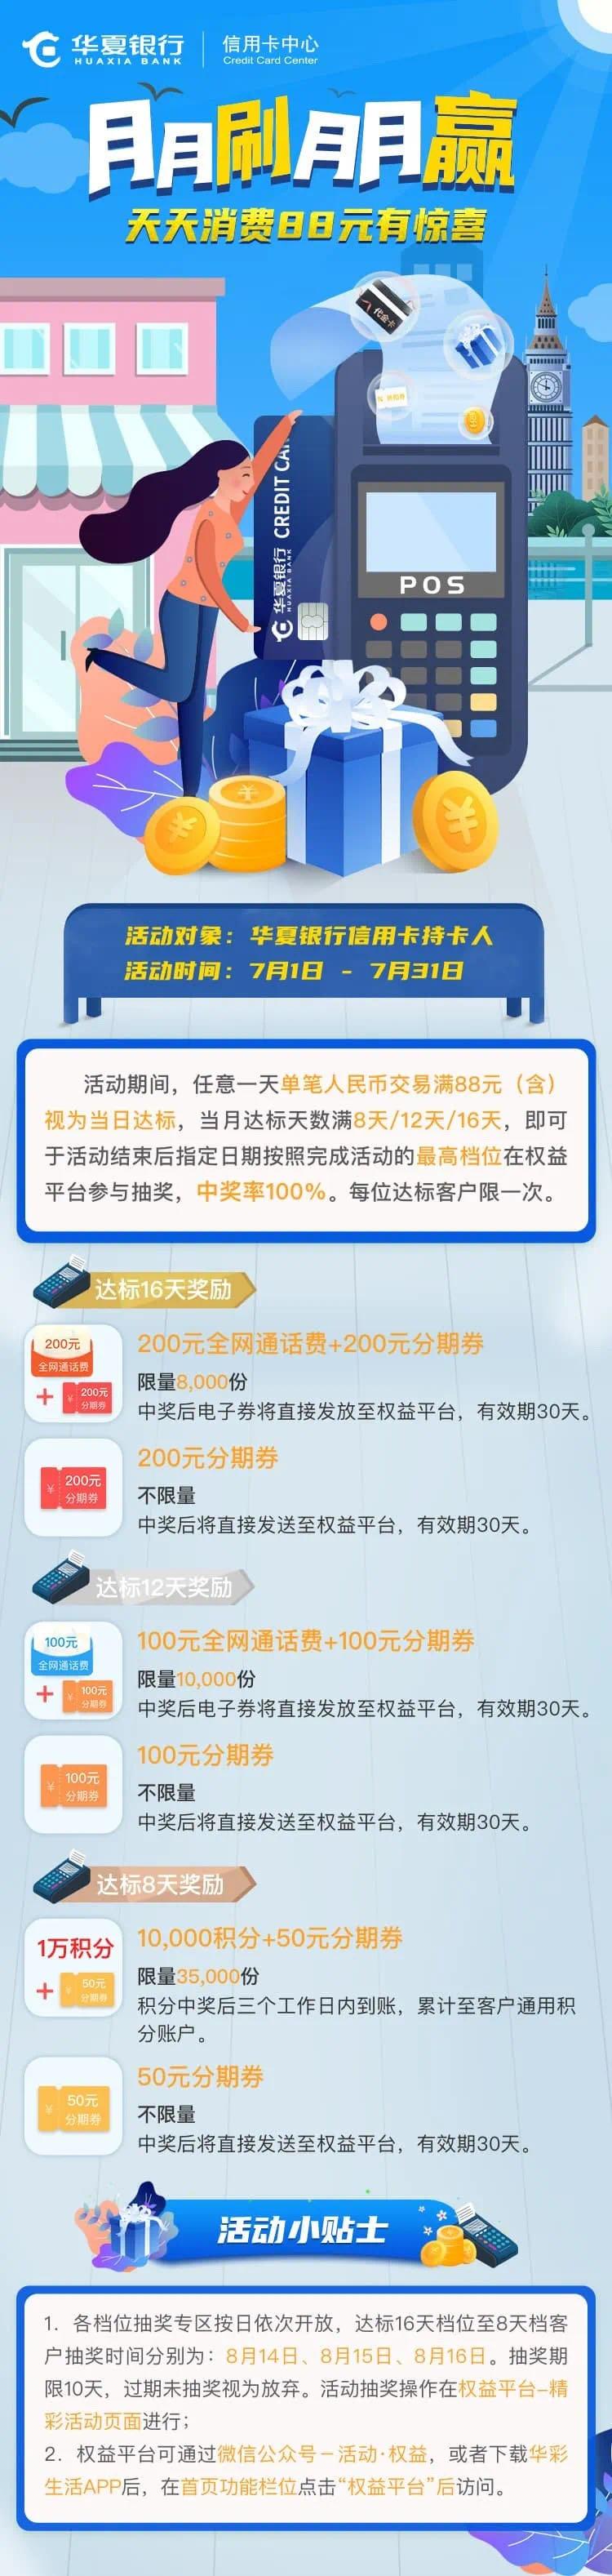 2020年7月3日华夏银行信用卡优惠活动推荐